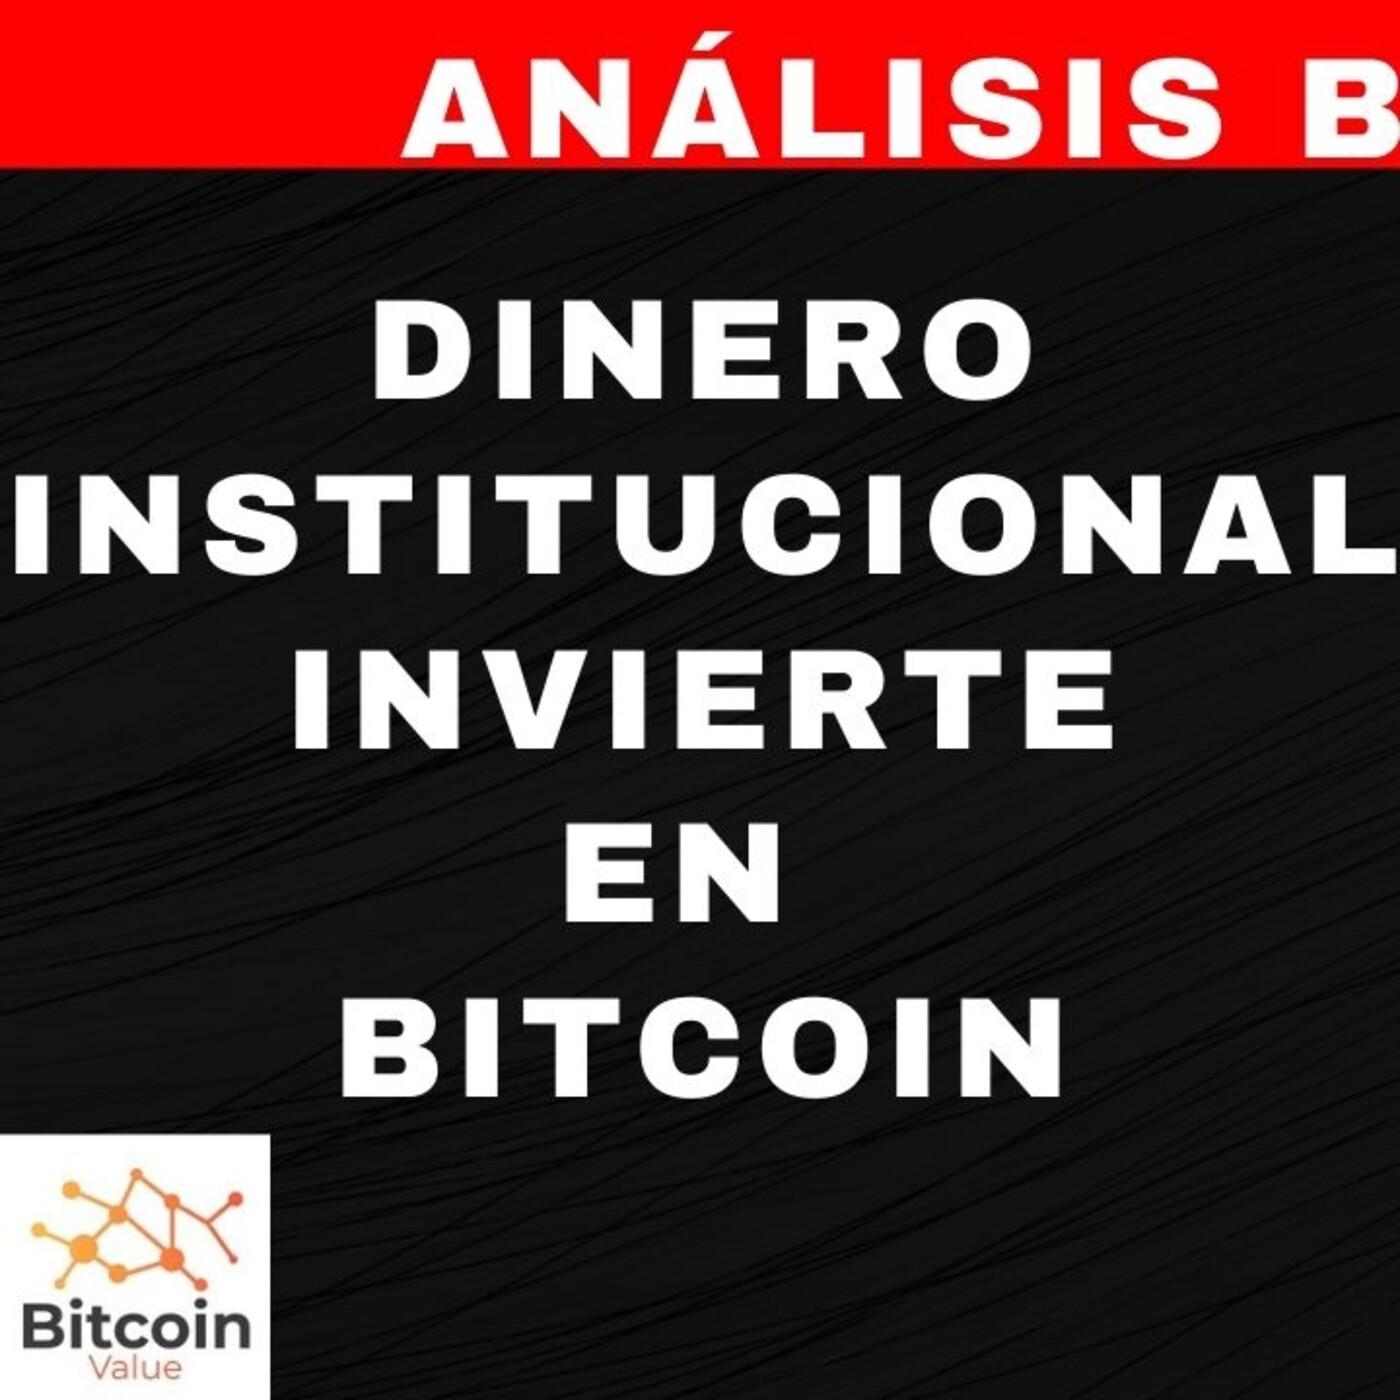 Dinero Institucional ya invierte en bitcoin - Análisis del precio de bitcoin